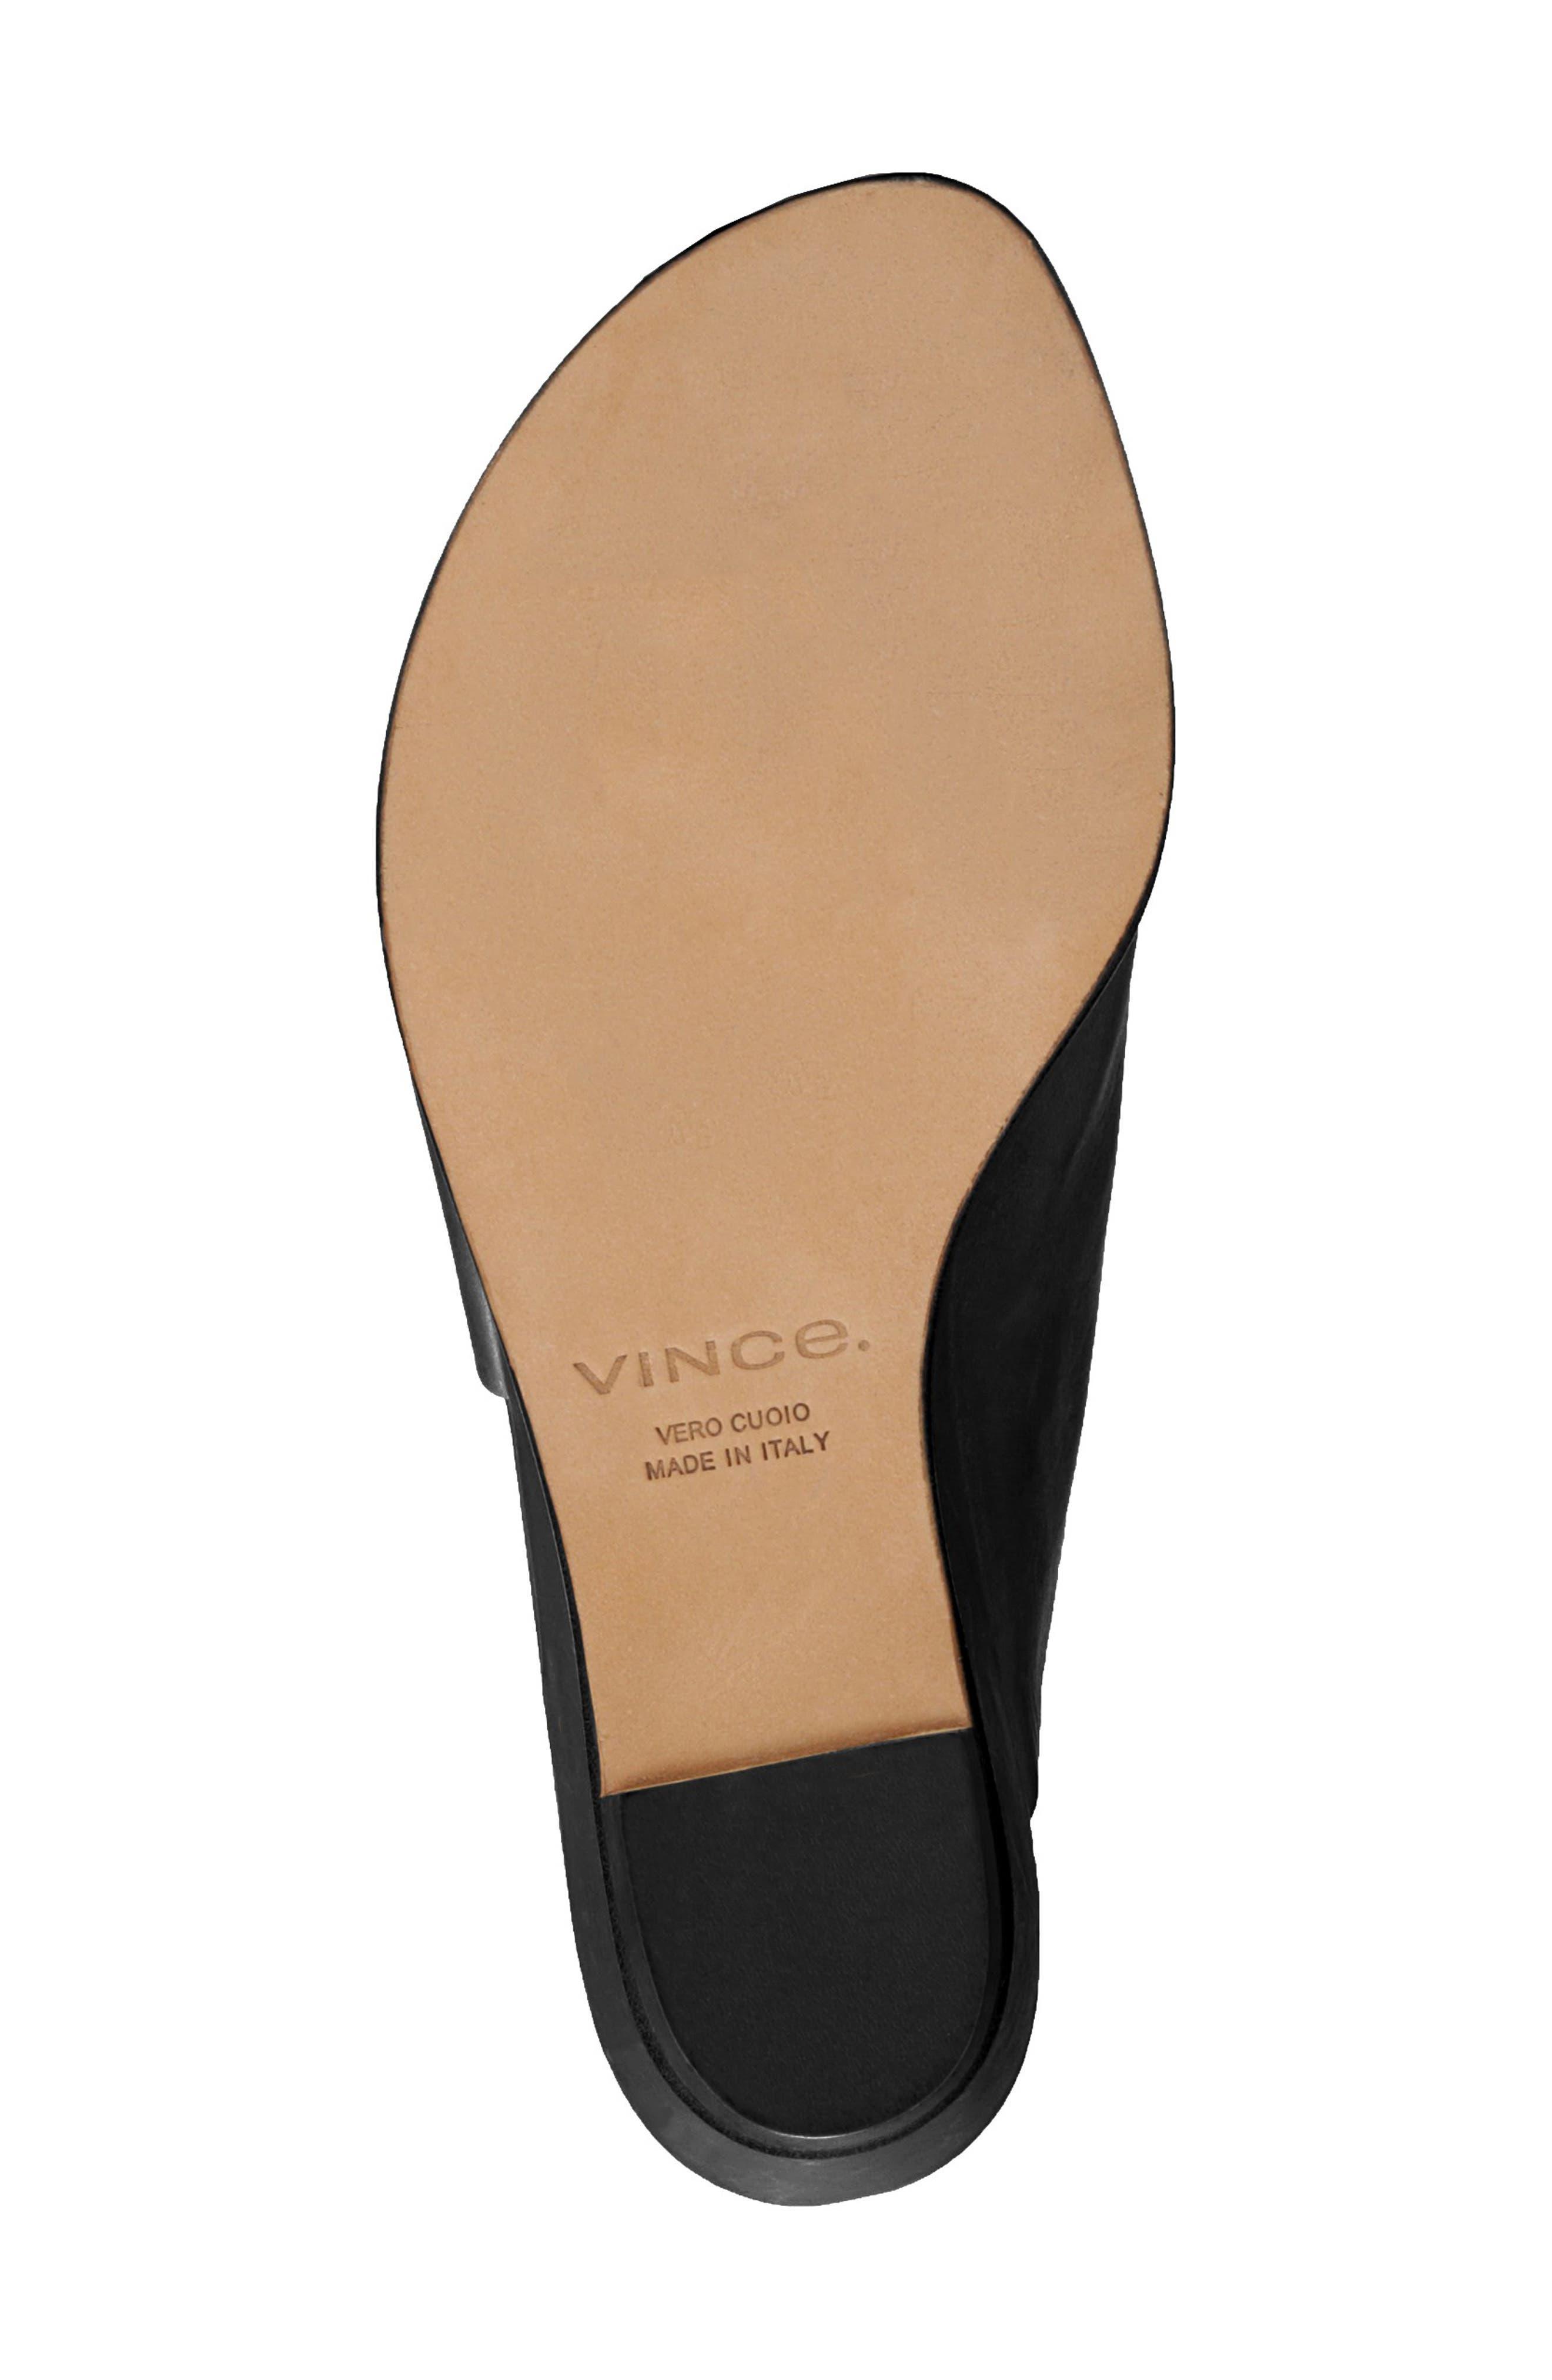 VINCE, Duvall Asymmetrical Wedge Sandal, Alternate thumbnail 6, color, BLACK